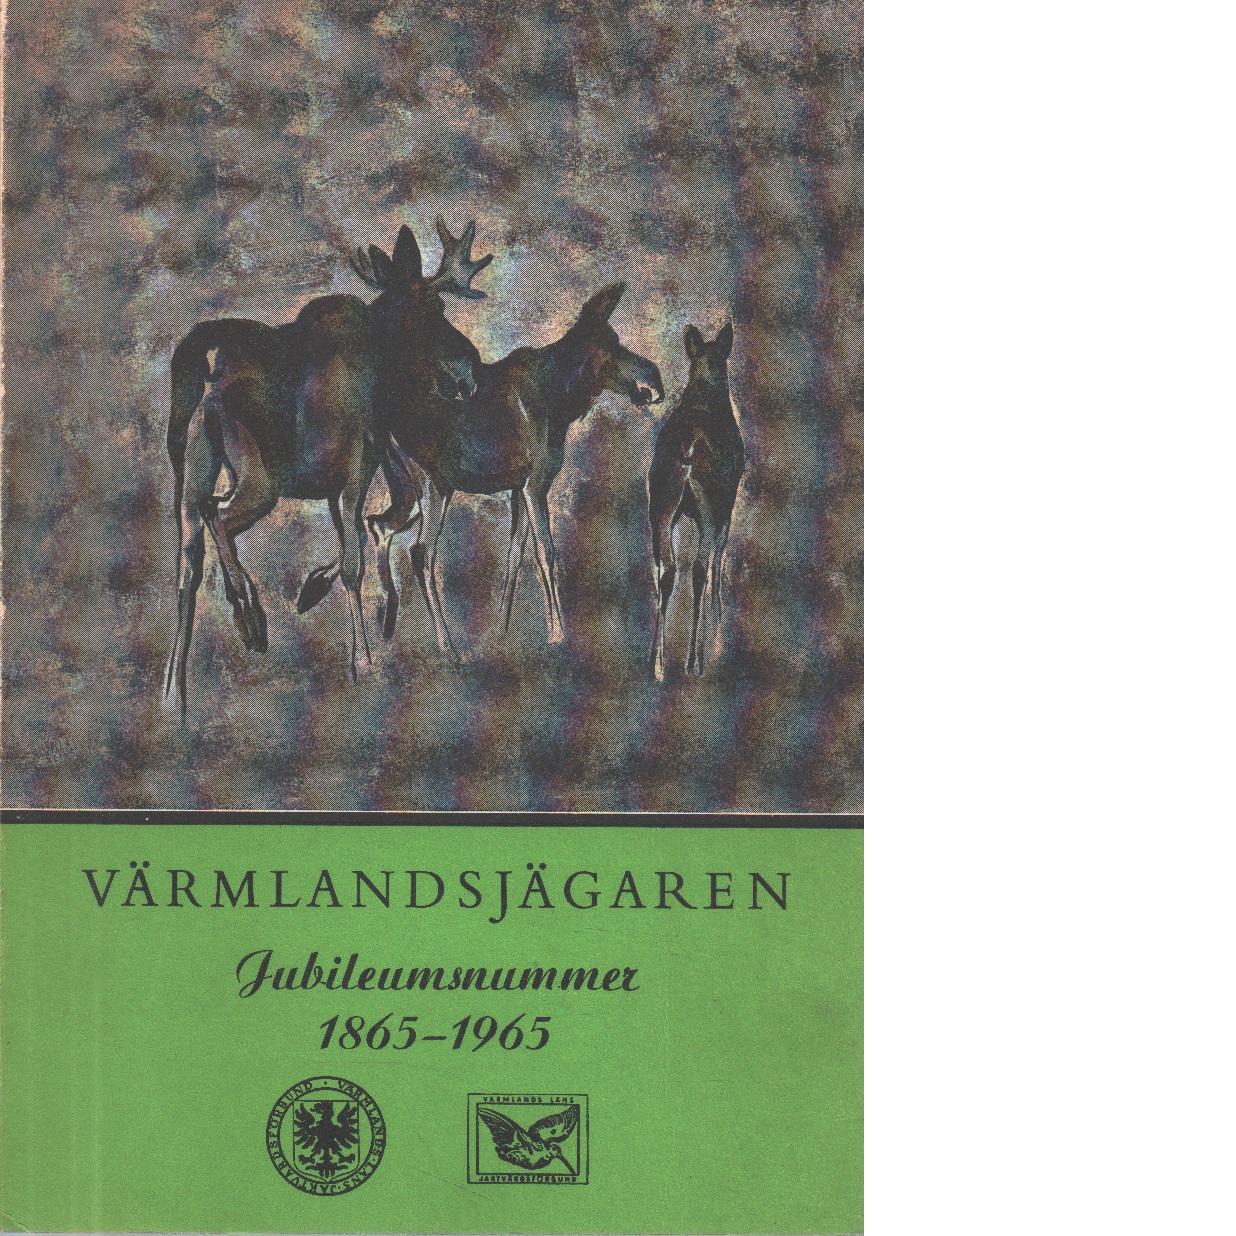 Värmlandsjägaren Jubileumsnummer 1865-1965 - Red.